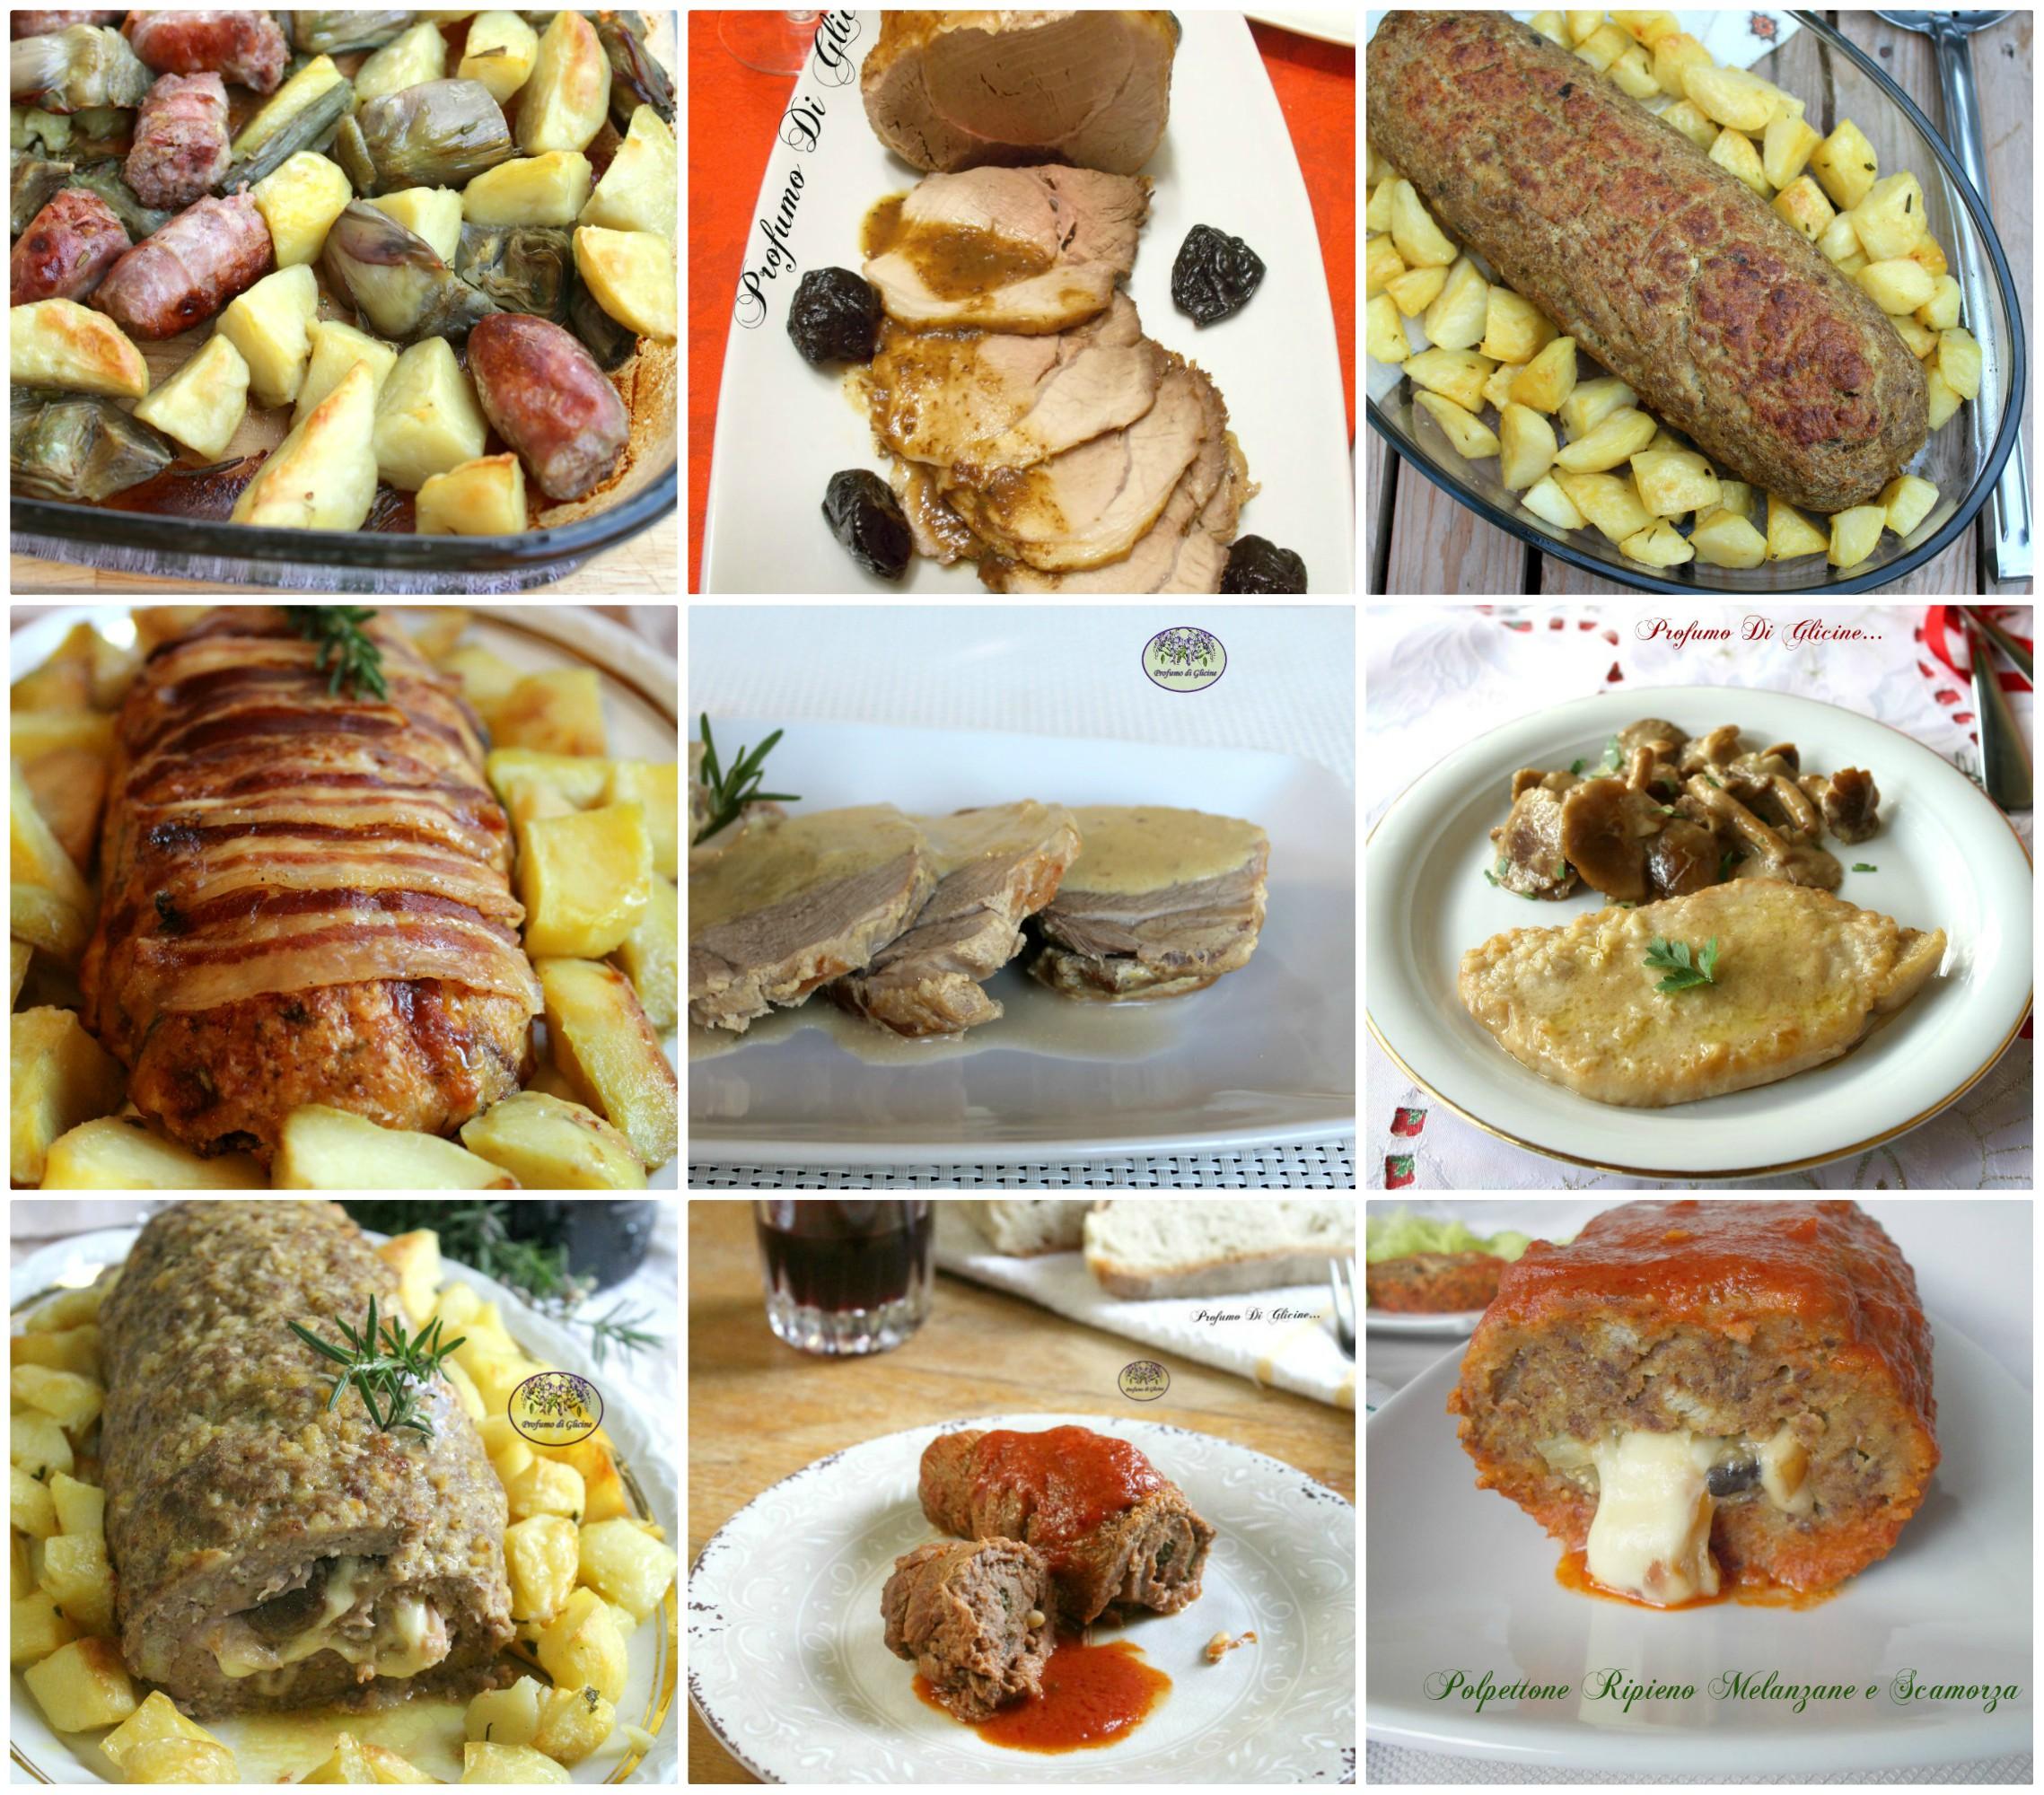 Menu Di Natale Ricette Giallo Zafferano.Menu Pranzo Di Natale E Capodanno Secondi Di Carne Economici